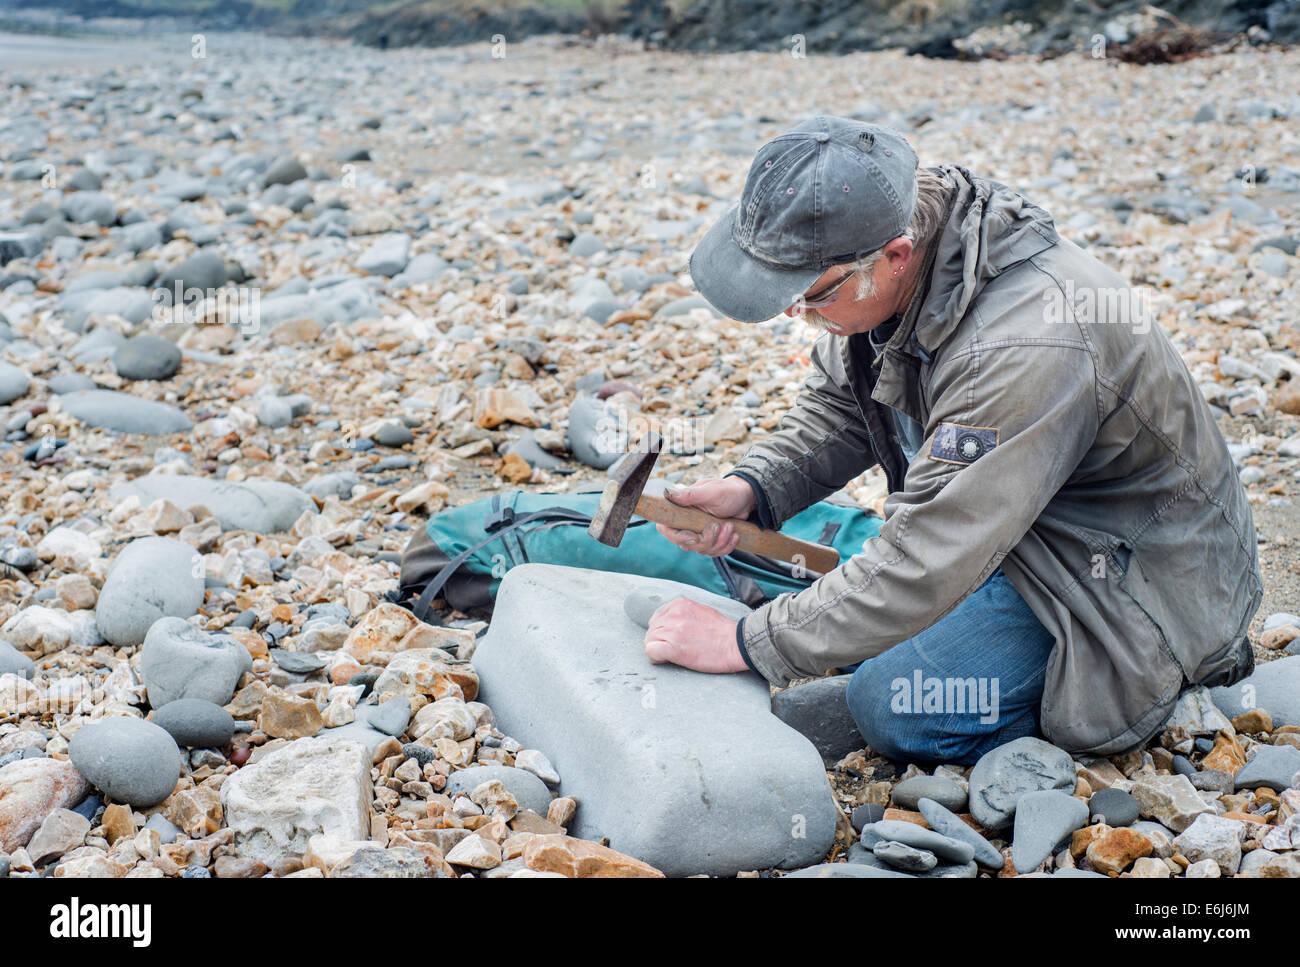 La chasse aux fossiles de l'homme sur la côte jurassique près de Lyme Regis dans le Dorset, Angleterre, Photo Stock